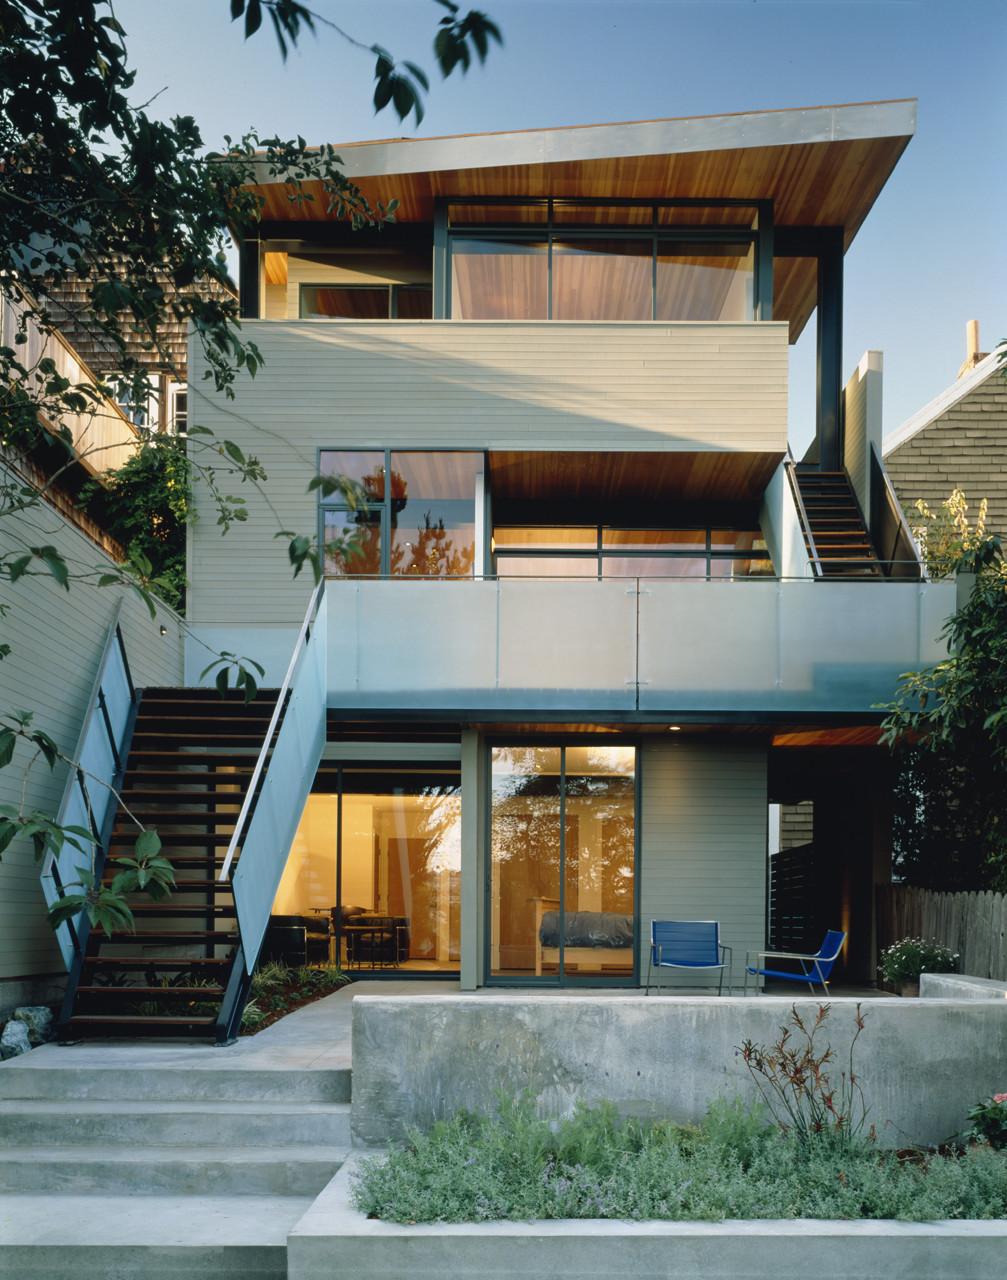 Alvarado House / Terry & Terry Architecture, © Ethan Kaplan